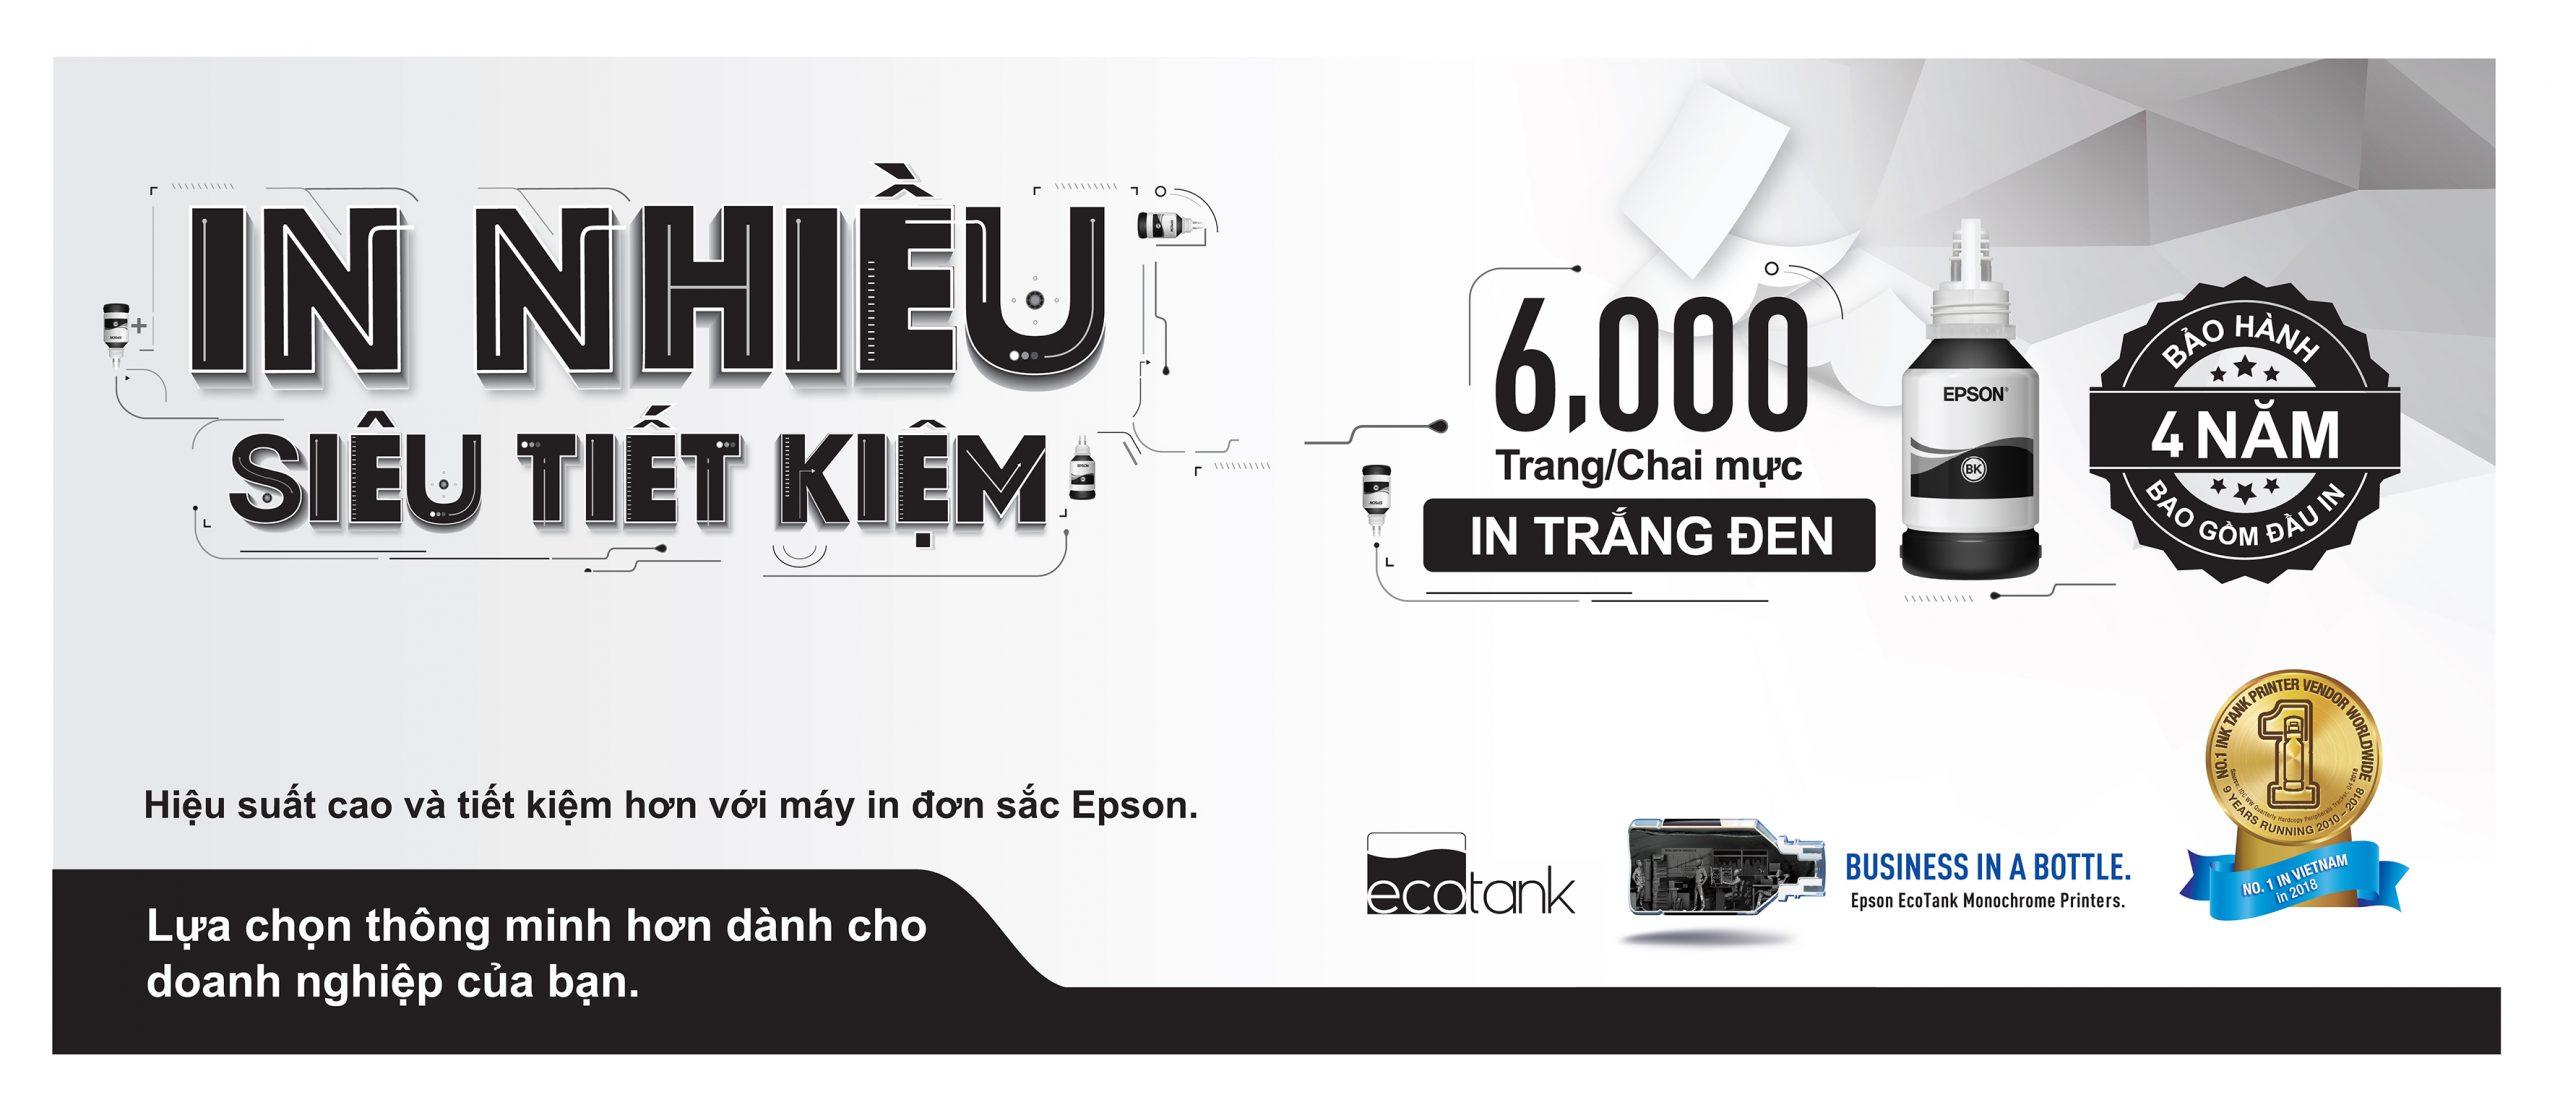 EPSON ra mắt máy in đơn sắc siêu tiết kiệm tại Việt Nam